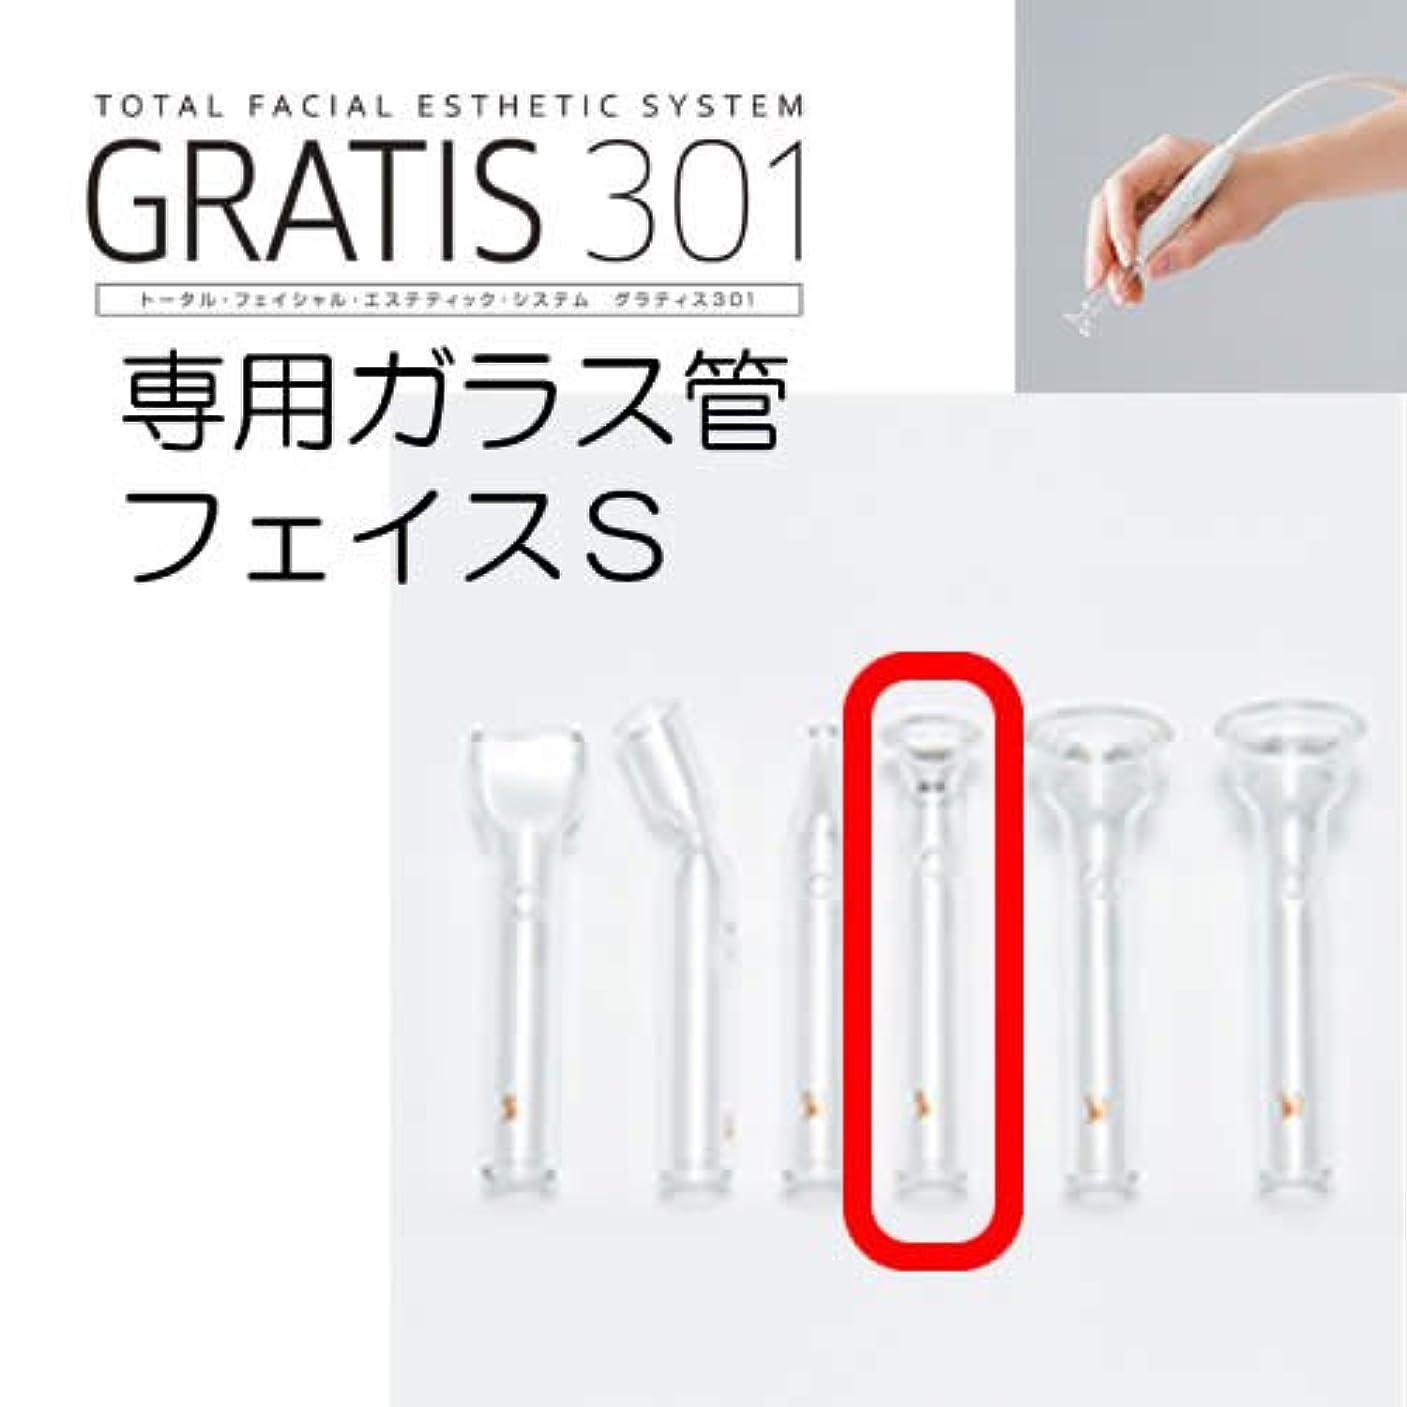 反逆反射あらゆる種類のGRATIS 301(グラティス301)専用ガラス管 フェイスS(2本セット)